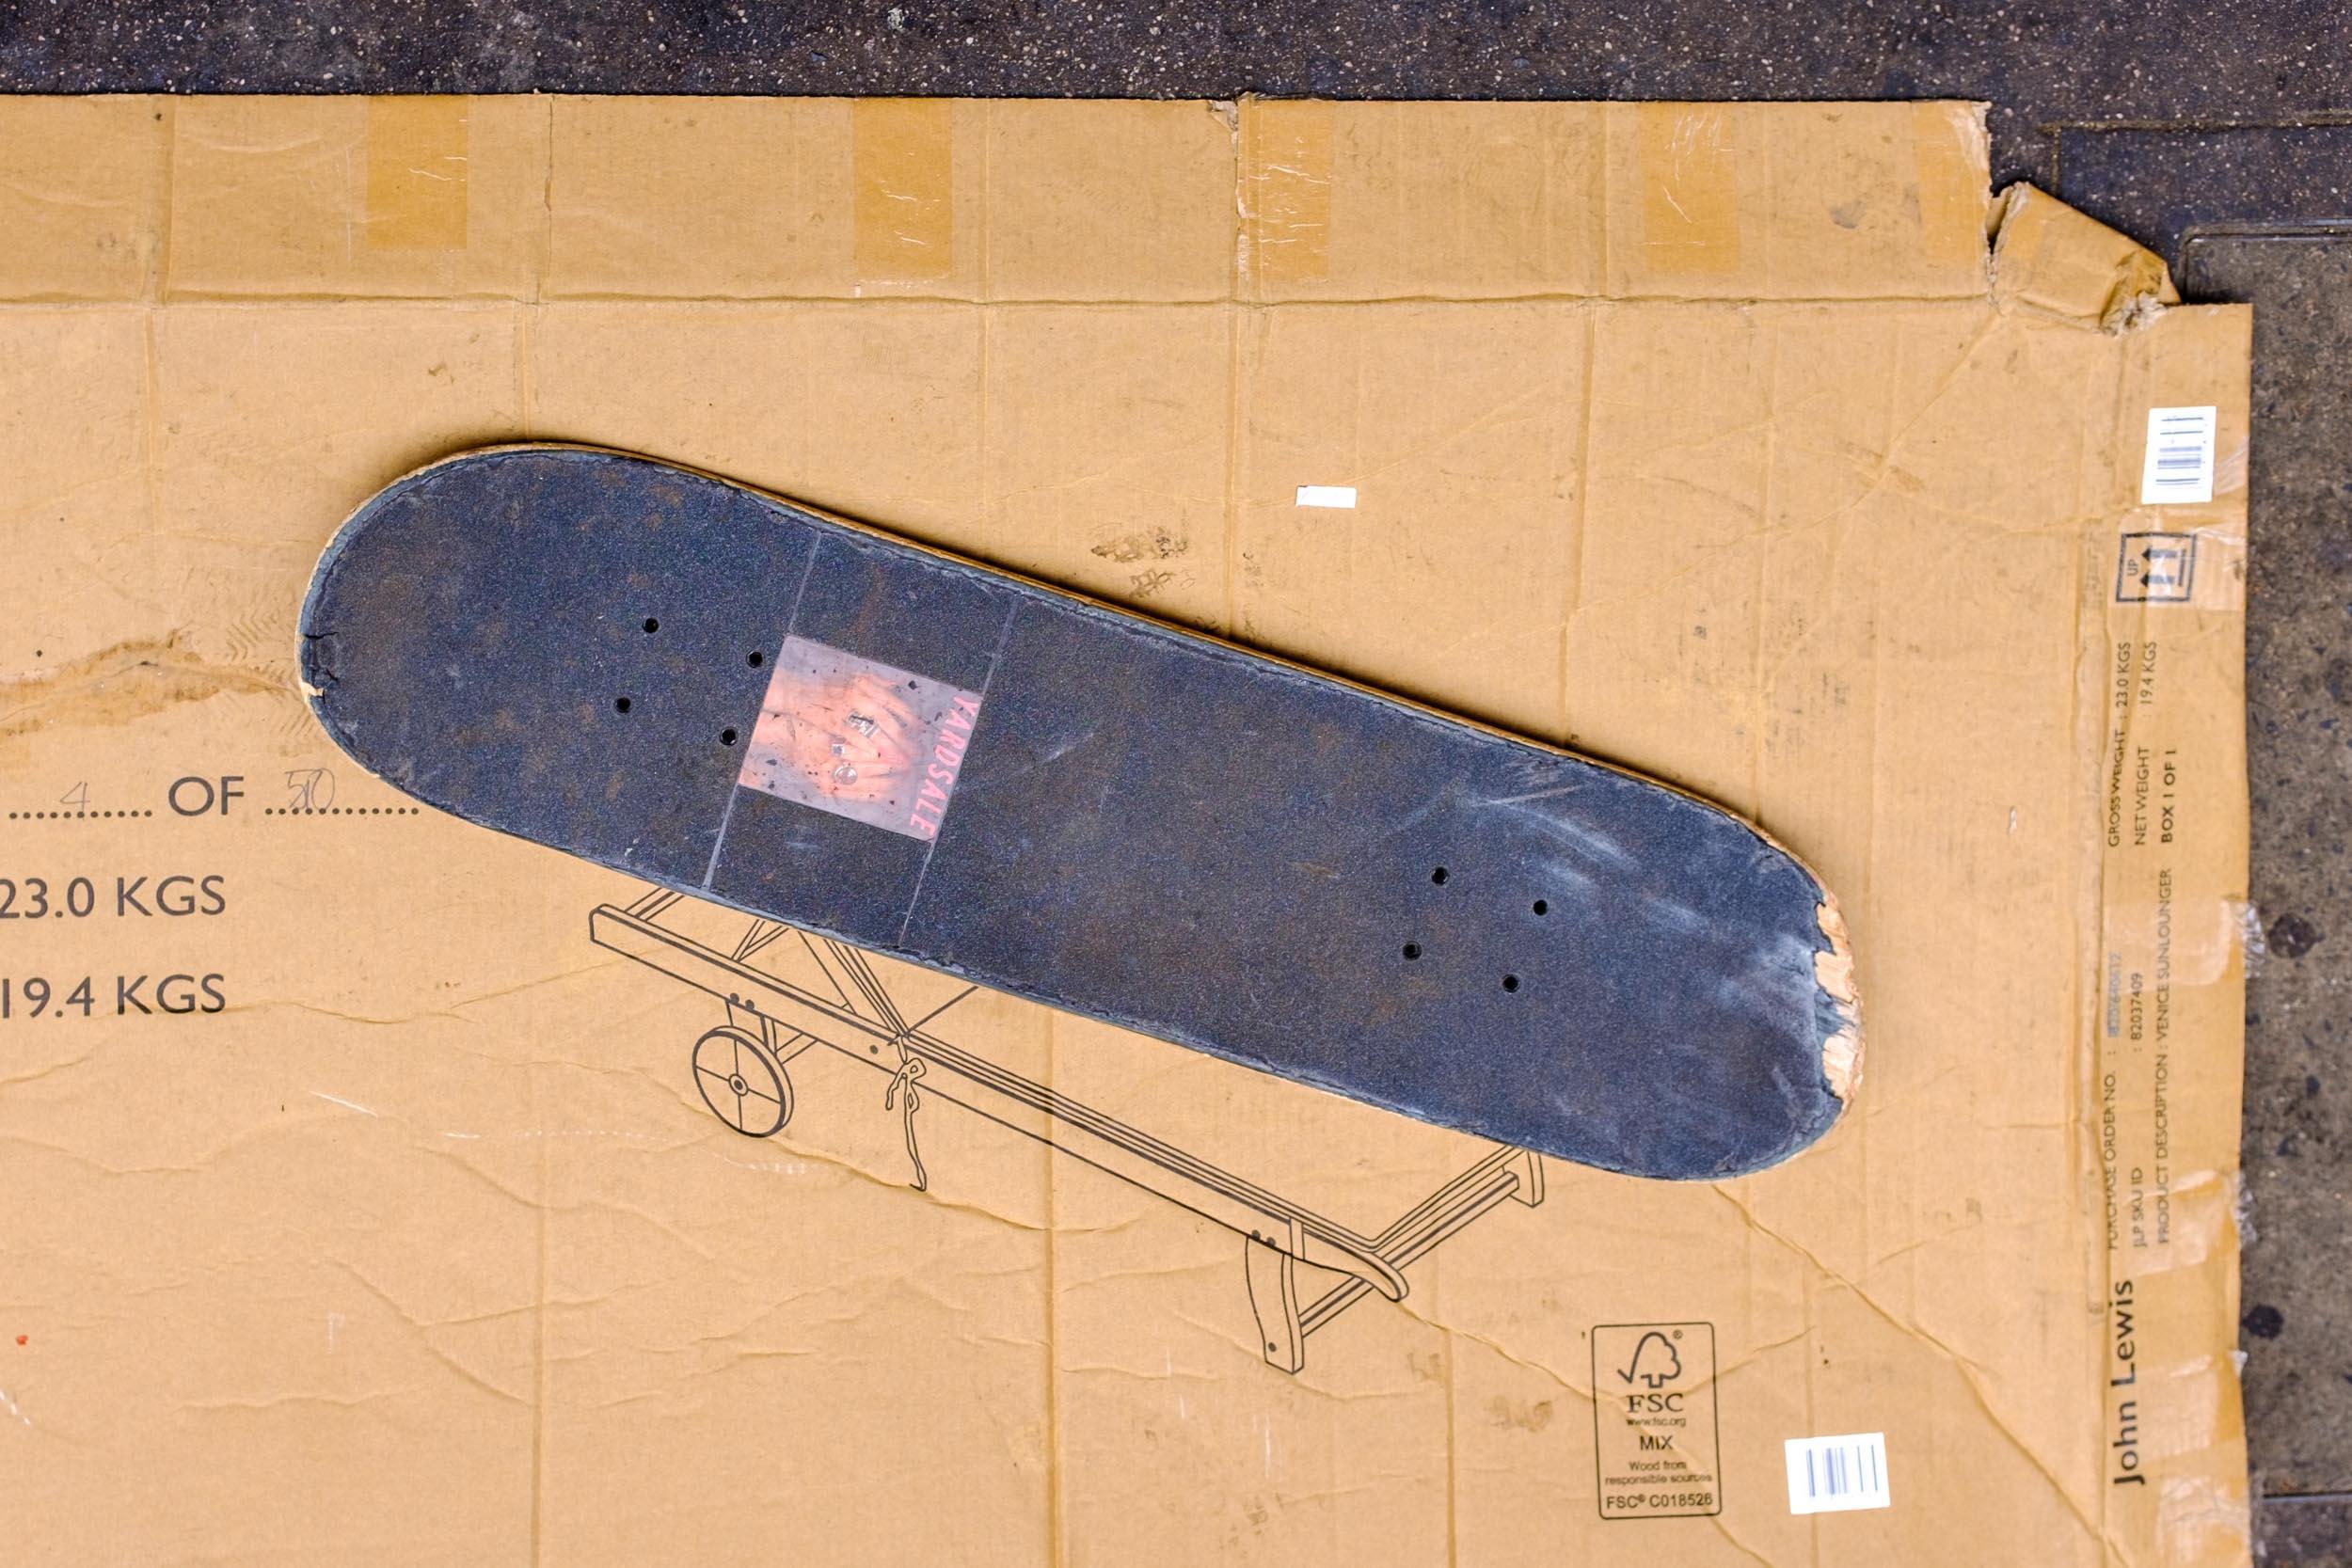 Skateboard and Cardboard Box. London 2017